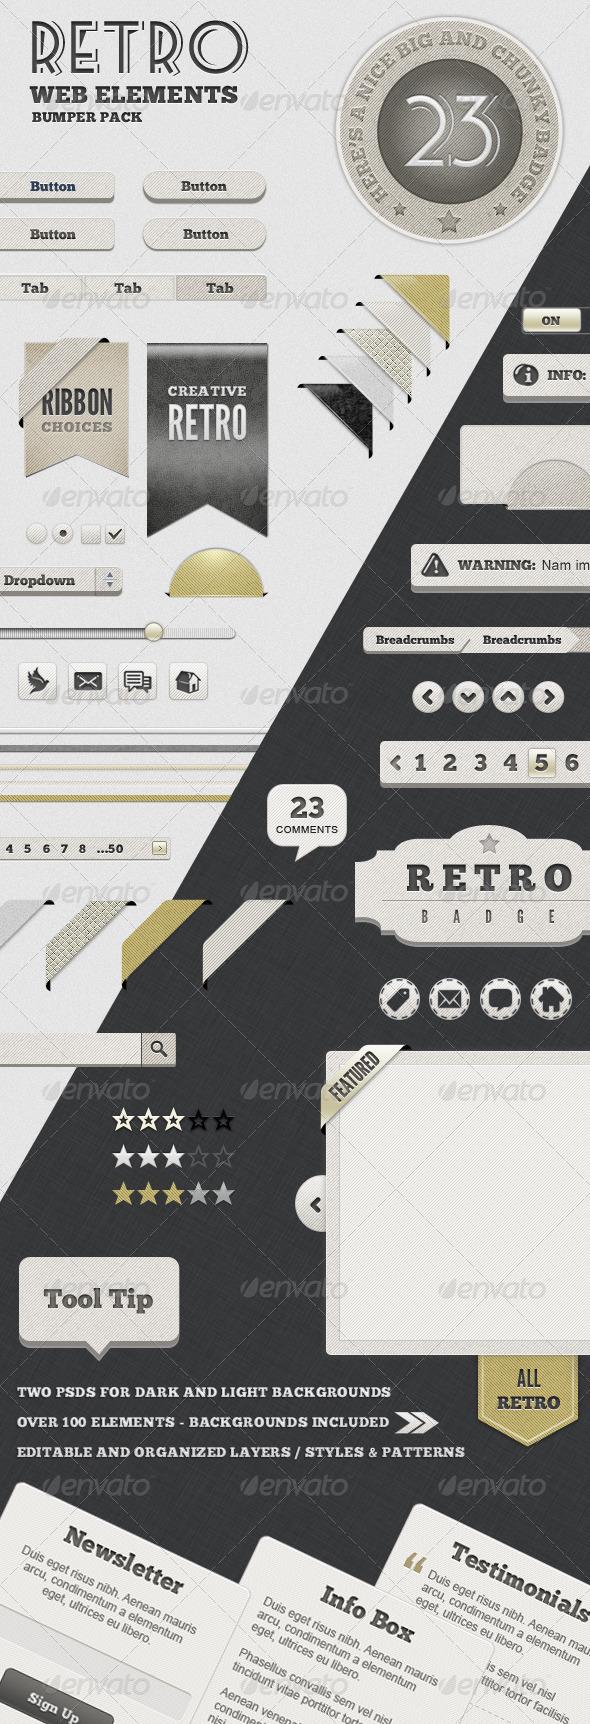 GraphicRiver Retro Web Elements Bumper Pack 665720